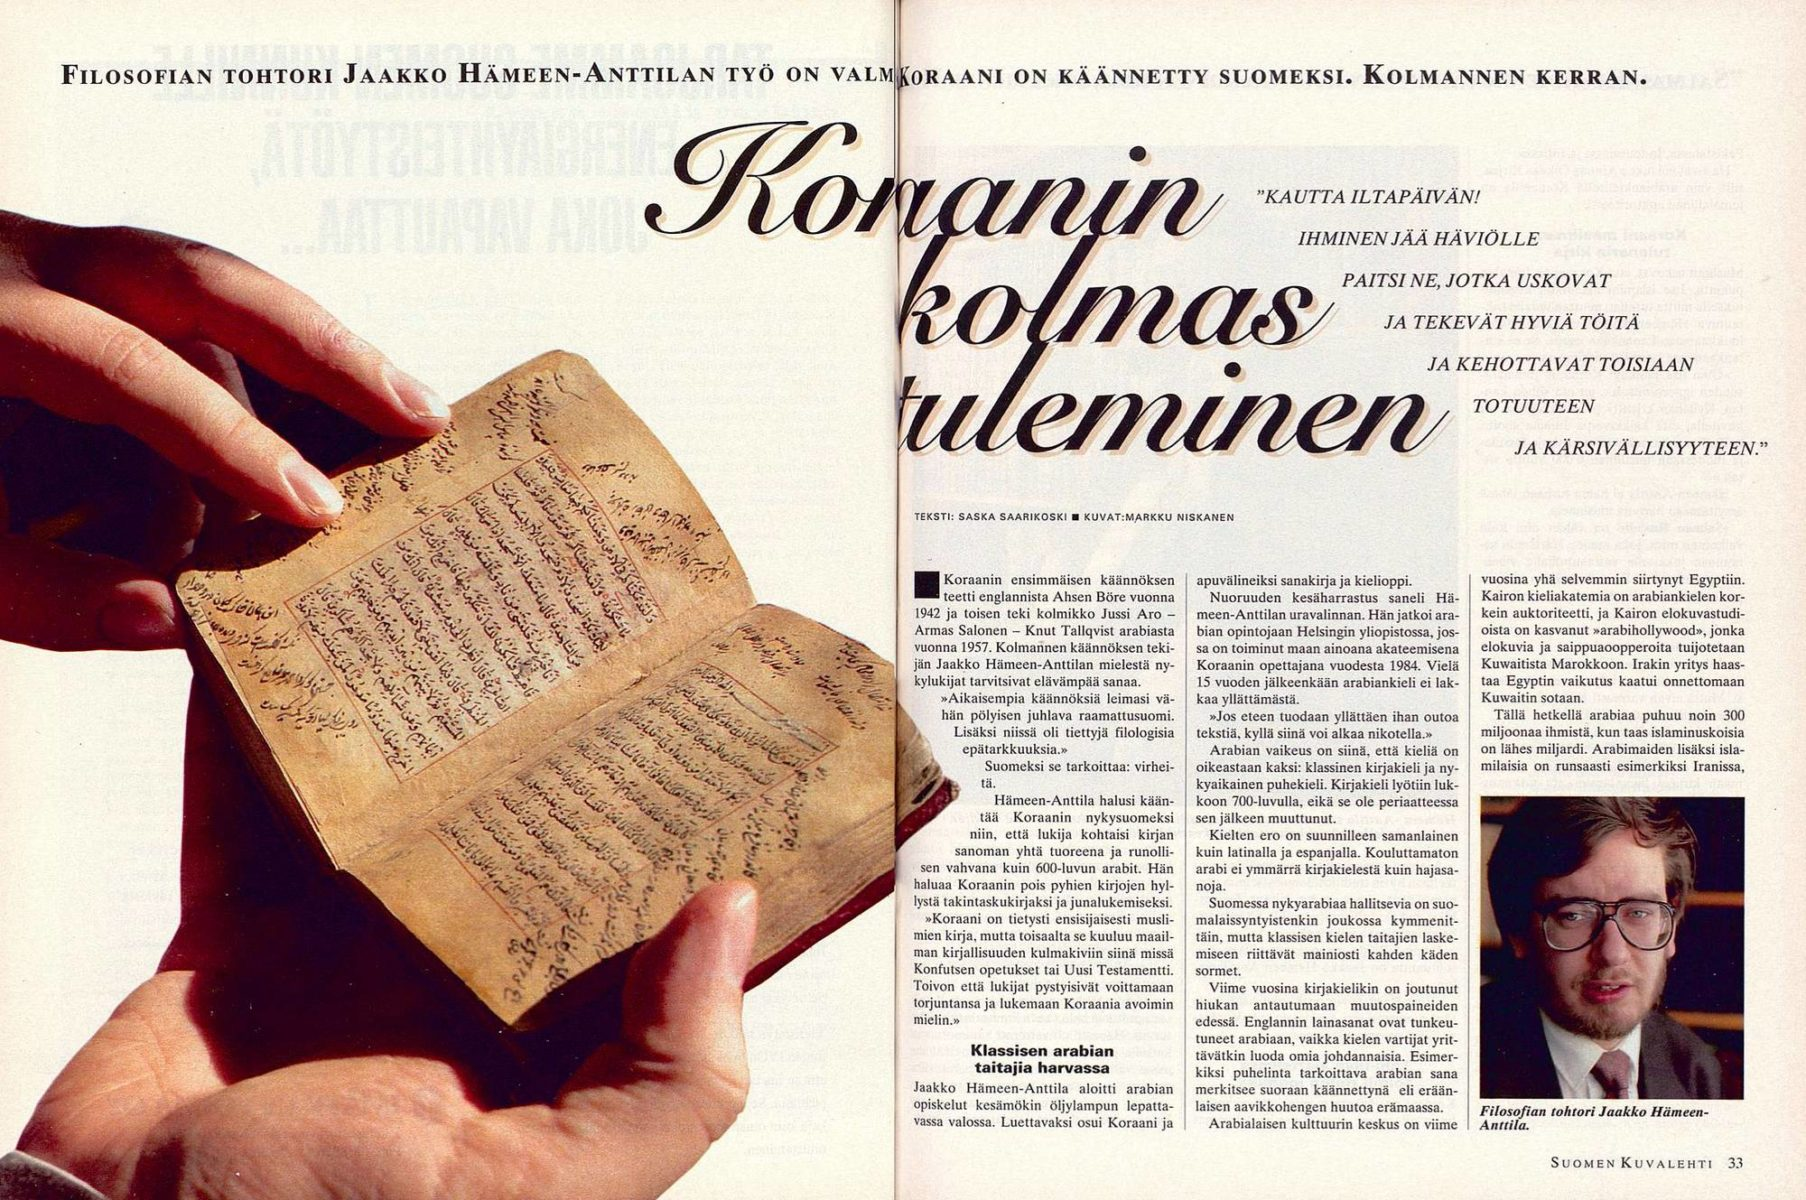 """SK 20/1995 (19.5.1995) Saska Saarikoski: """"Koraanin kolmas tuleminen"""". Kuvat: Markku Niskanen."""